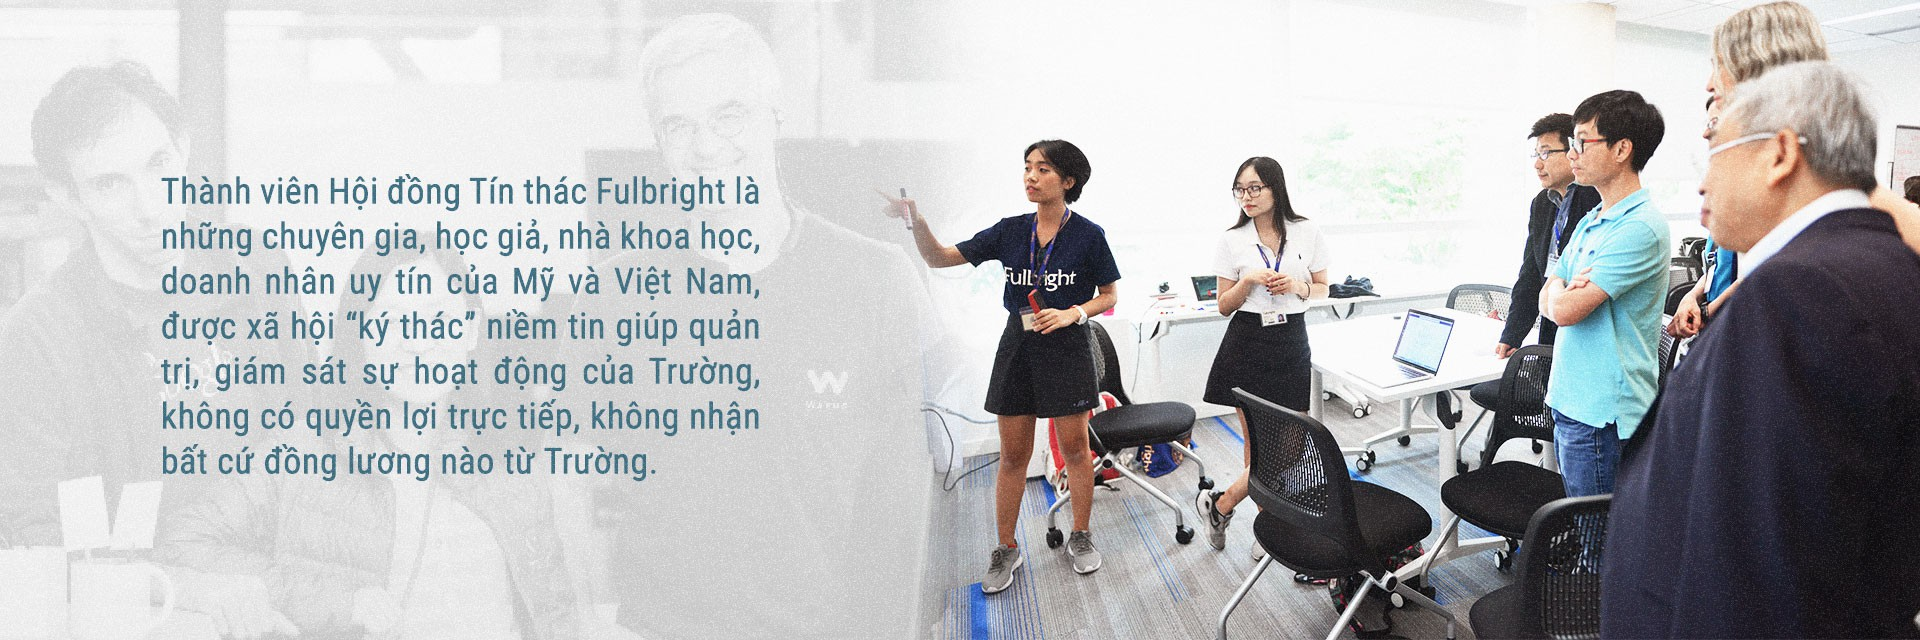 TS Lê Viết Quốc: Lúc nào cũng mơ về Việt Nam - Ảnh 3.